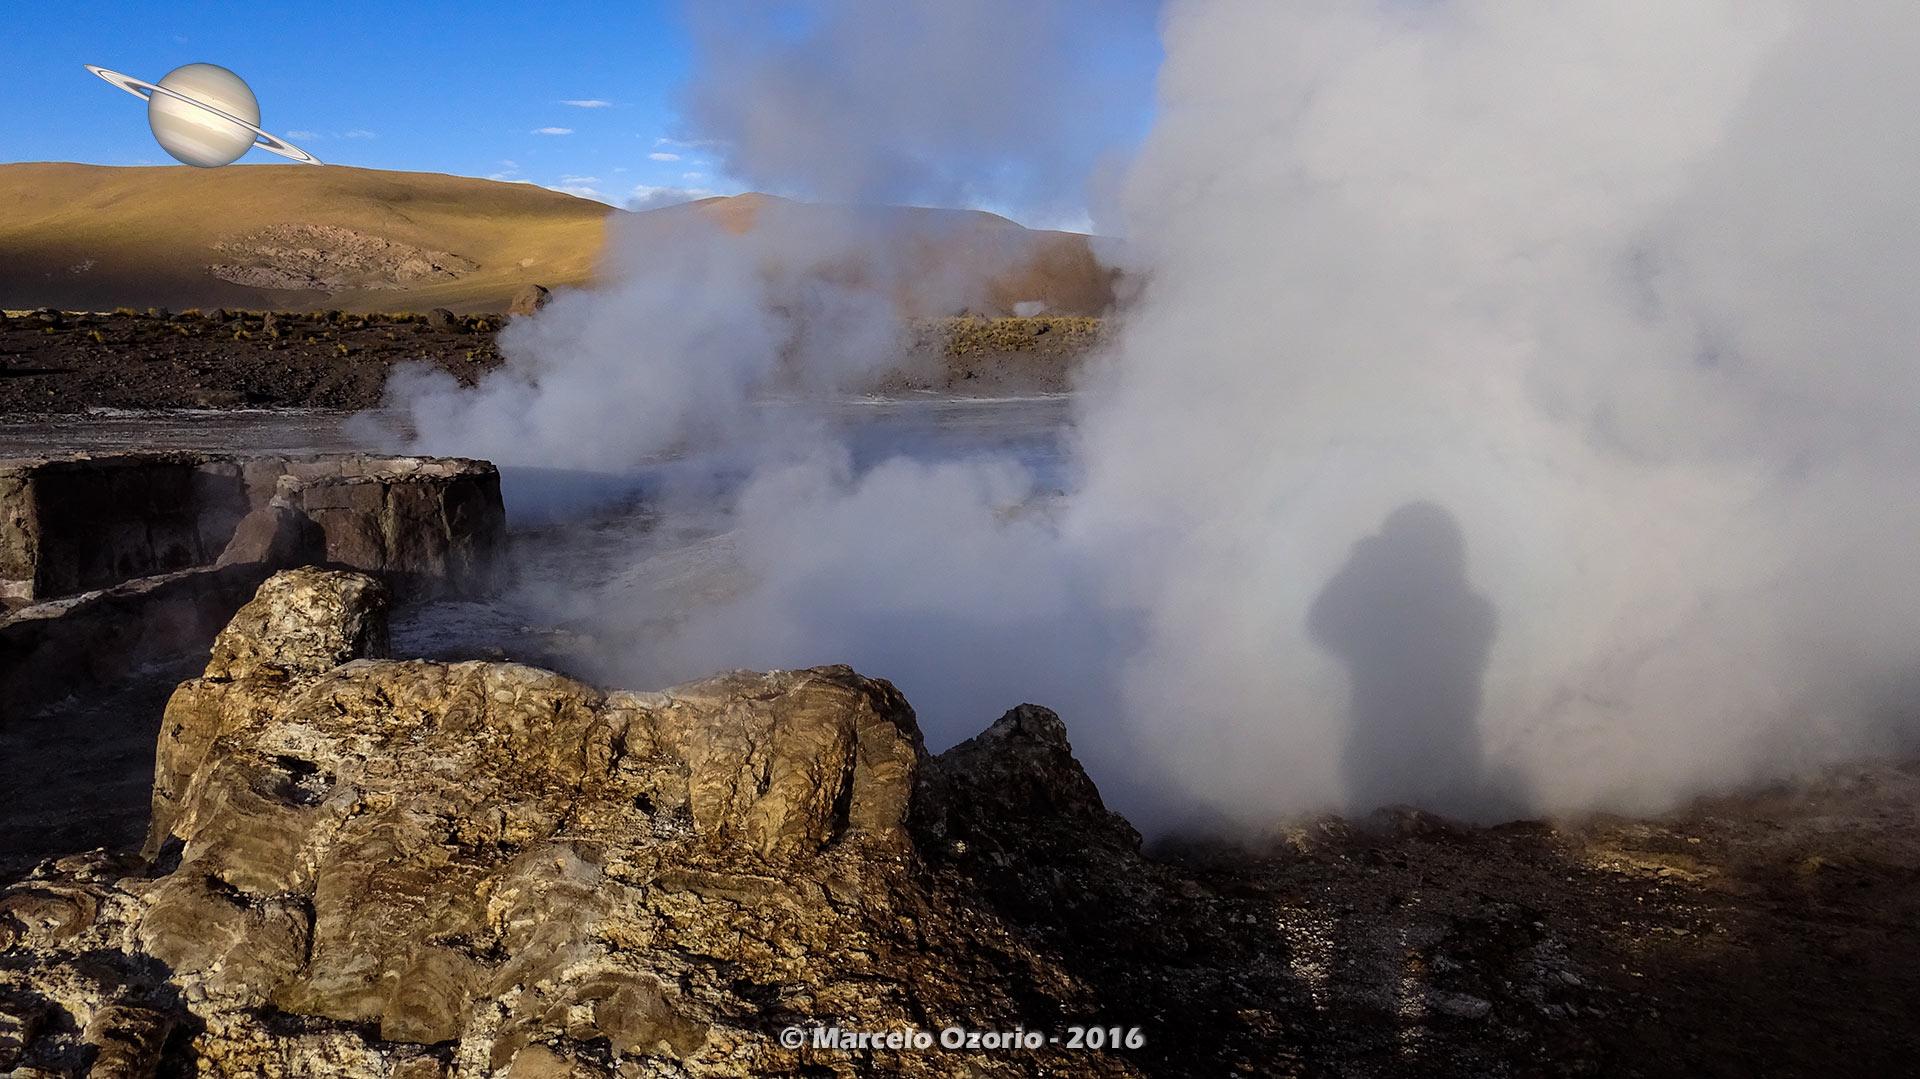 el tatio geysers atacama desert 18 - The Surreal El Tatio Geysers - Atacama Desert - Chile